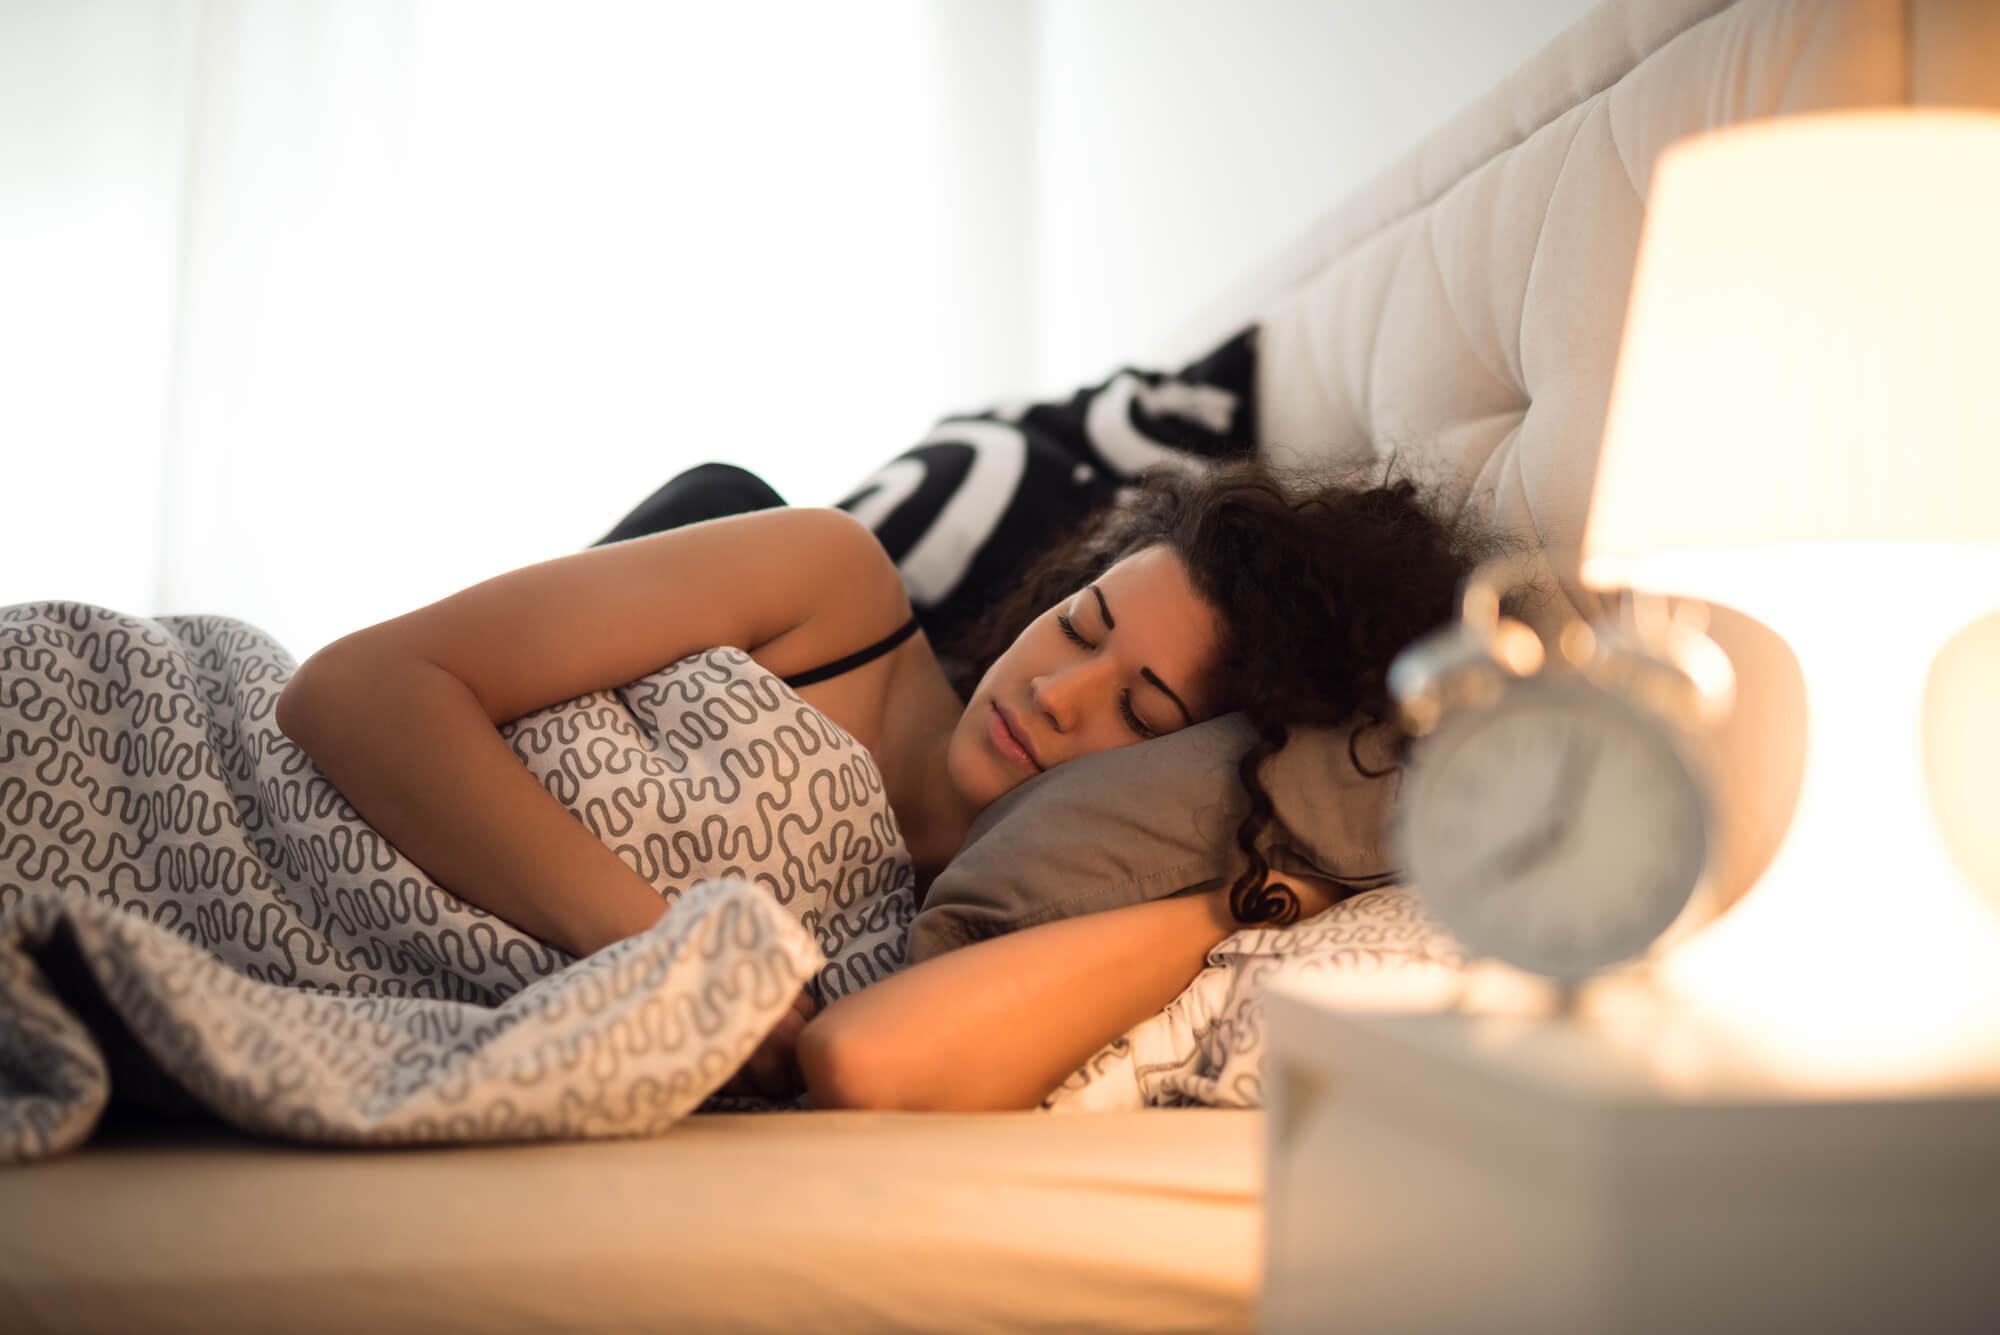 Mulher dormindo muito bem